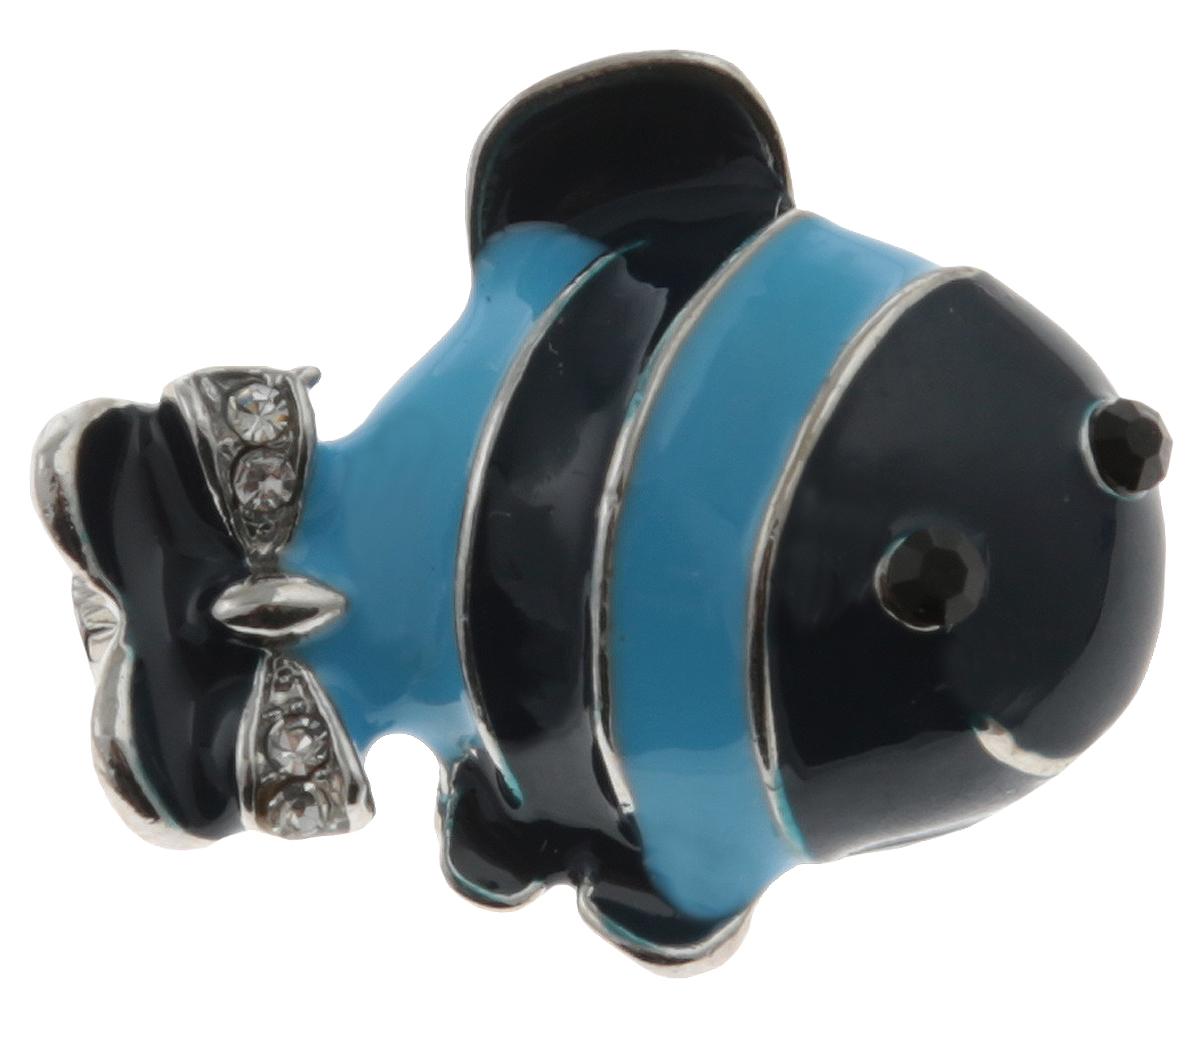 Брошь Рыбка от Arrina. Эмаль синего и голубого цвета, прозрачные стразы, бижутерный сплав серебряного тона. ГонконгОС28529Брошь Рыбка от Arrina. Эмаль синего и голубого цвета, прозрачные стразы, бижутерный сплав серебряного тона. Гонконг. Размер: 2,5 х 1,5 см. Тип крепления - булавка с застежкой.